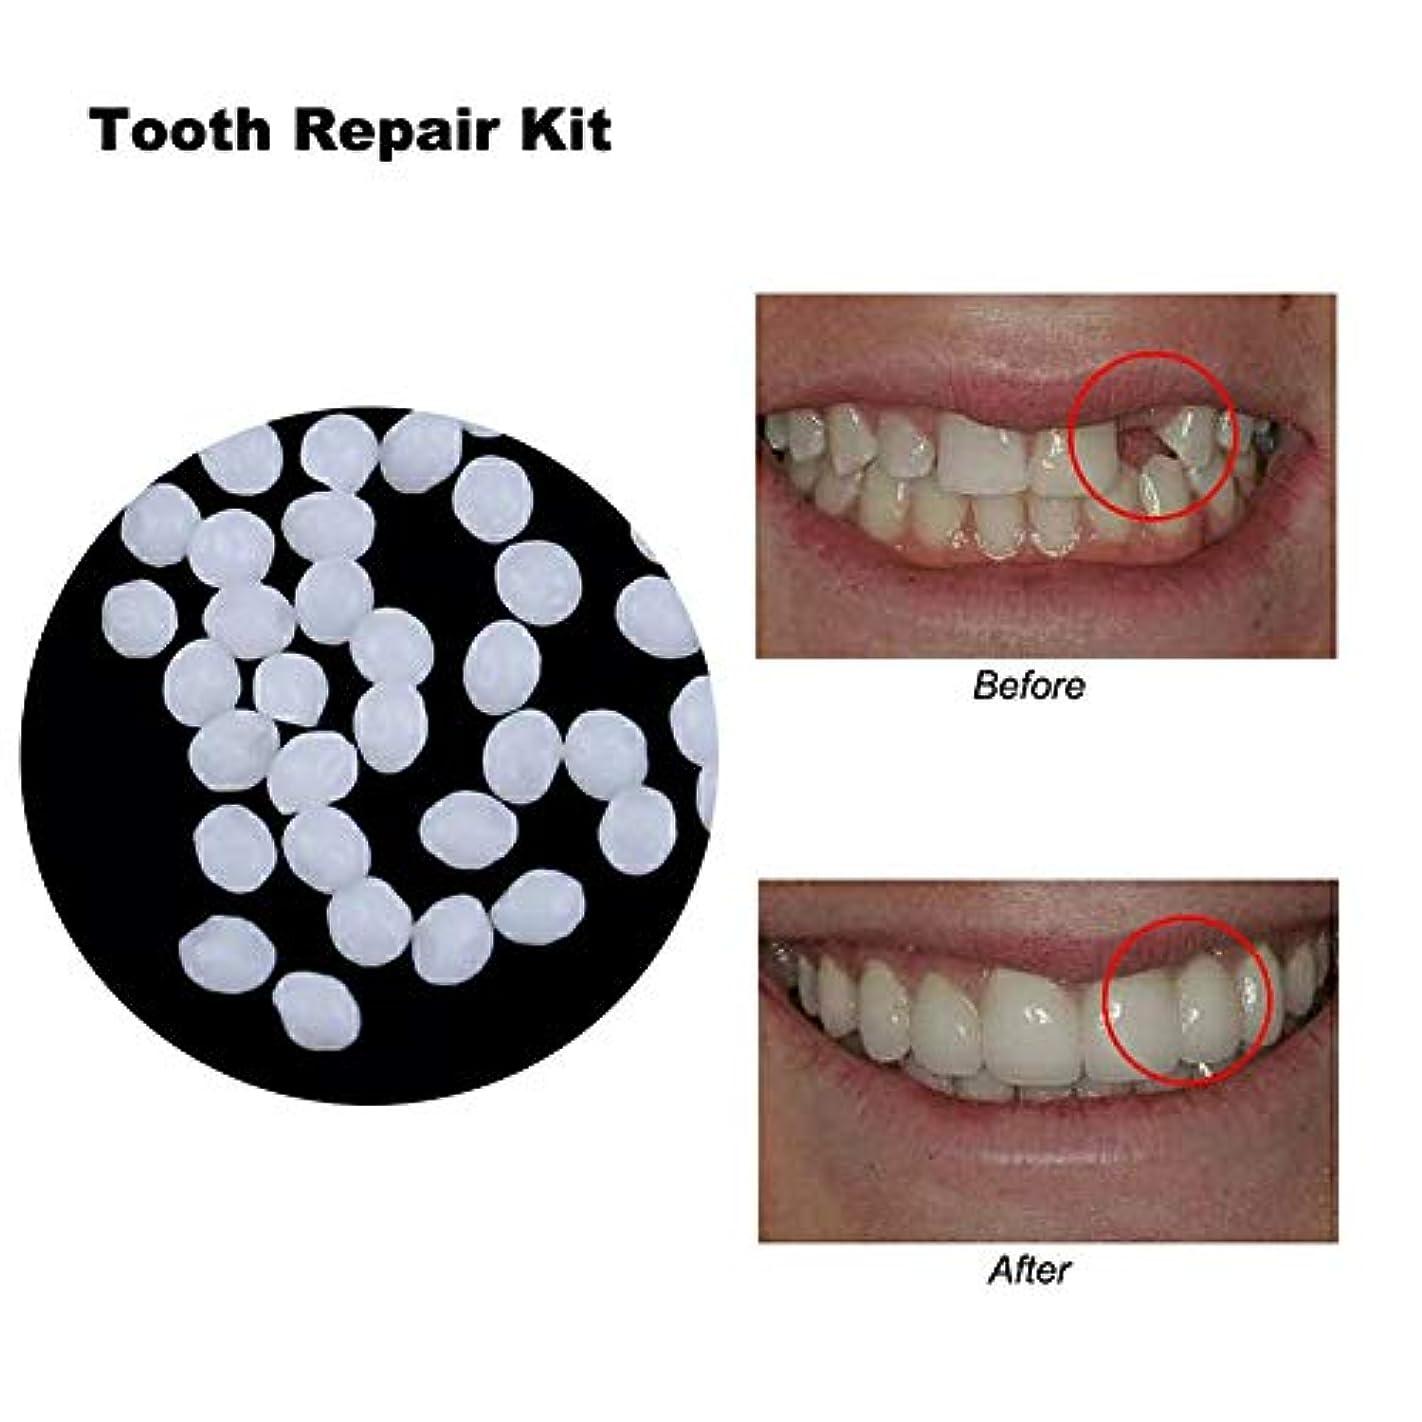 曖昧な大胆たらい偽歯固体接着剤、樹脂の歯とギャップのための一時的な化粧品の歯の修復キットクリエイティブ義歯接着剤,10ml14g